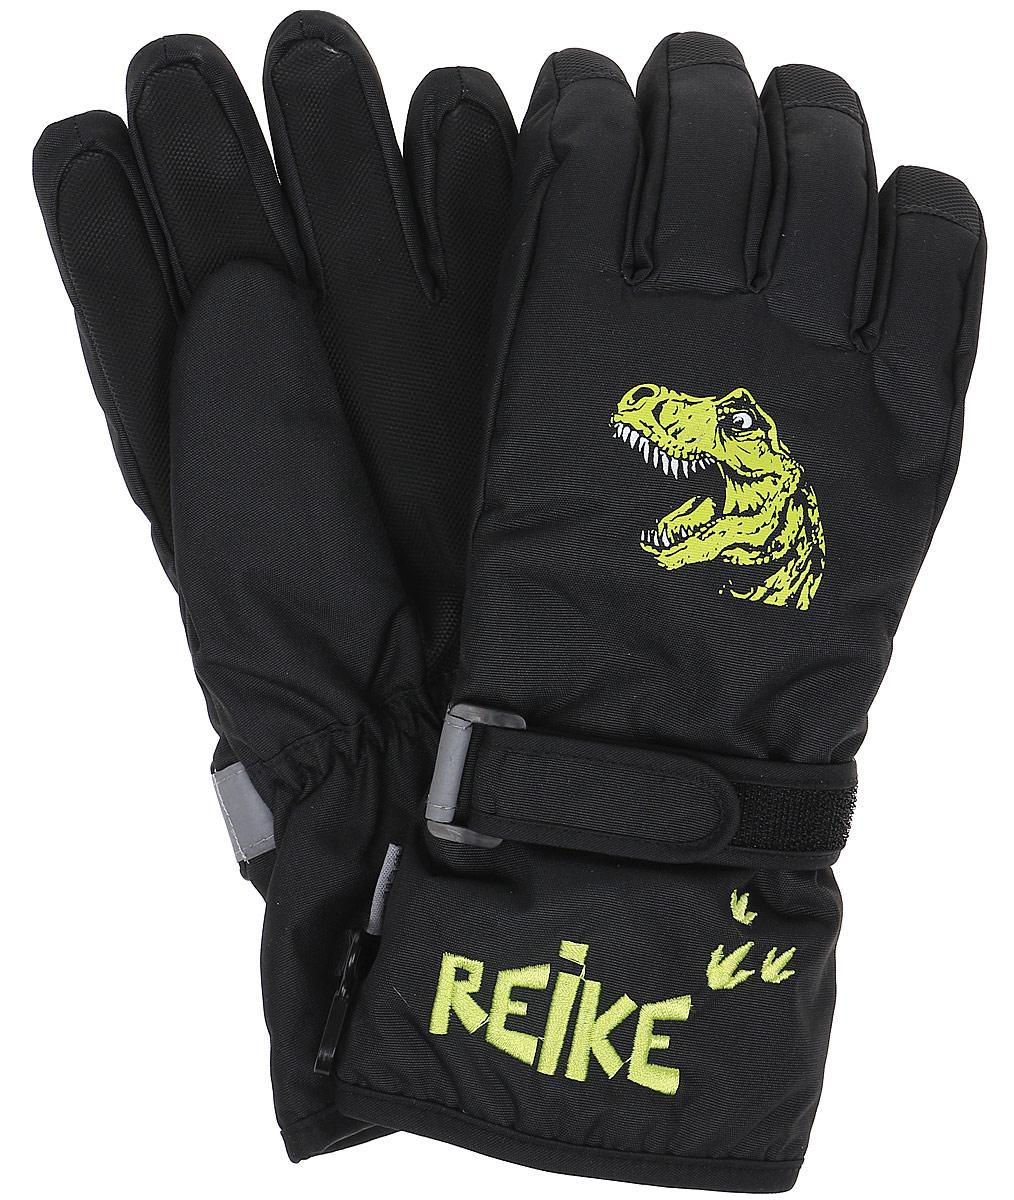 Перчатки для мальчика Reike Динозавр, цвет: черный. RW18_DNS black. Размер 8 перчатки reike